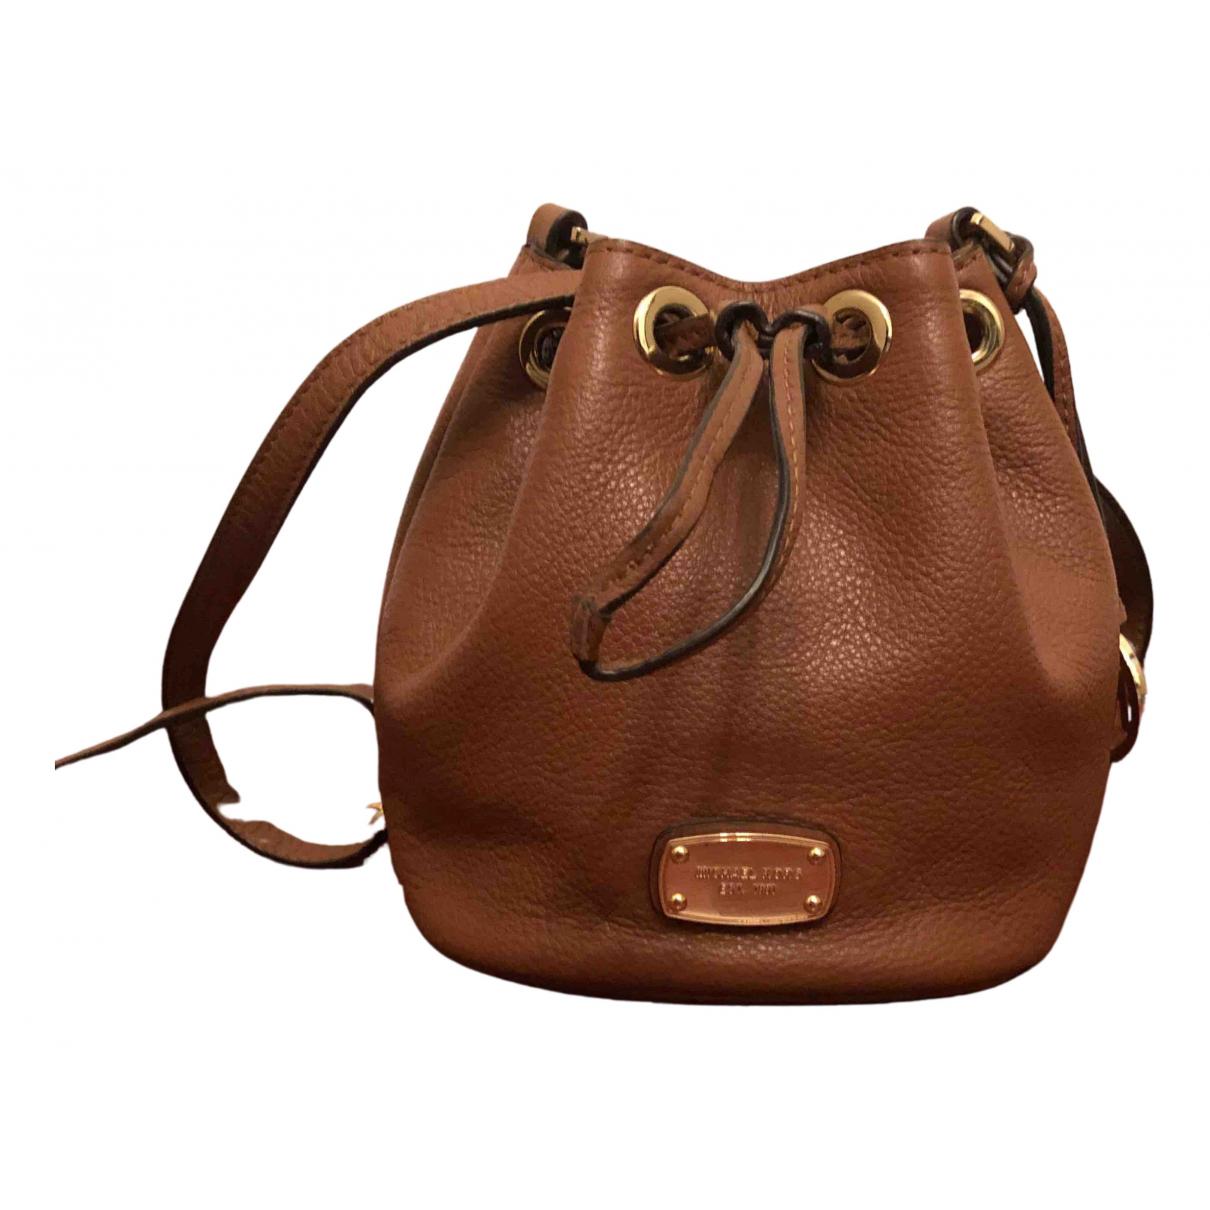 Michael Kors N Camel Leather handbag for Women N